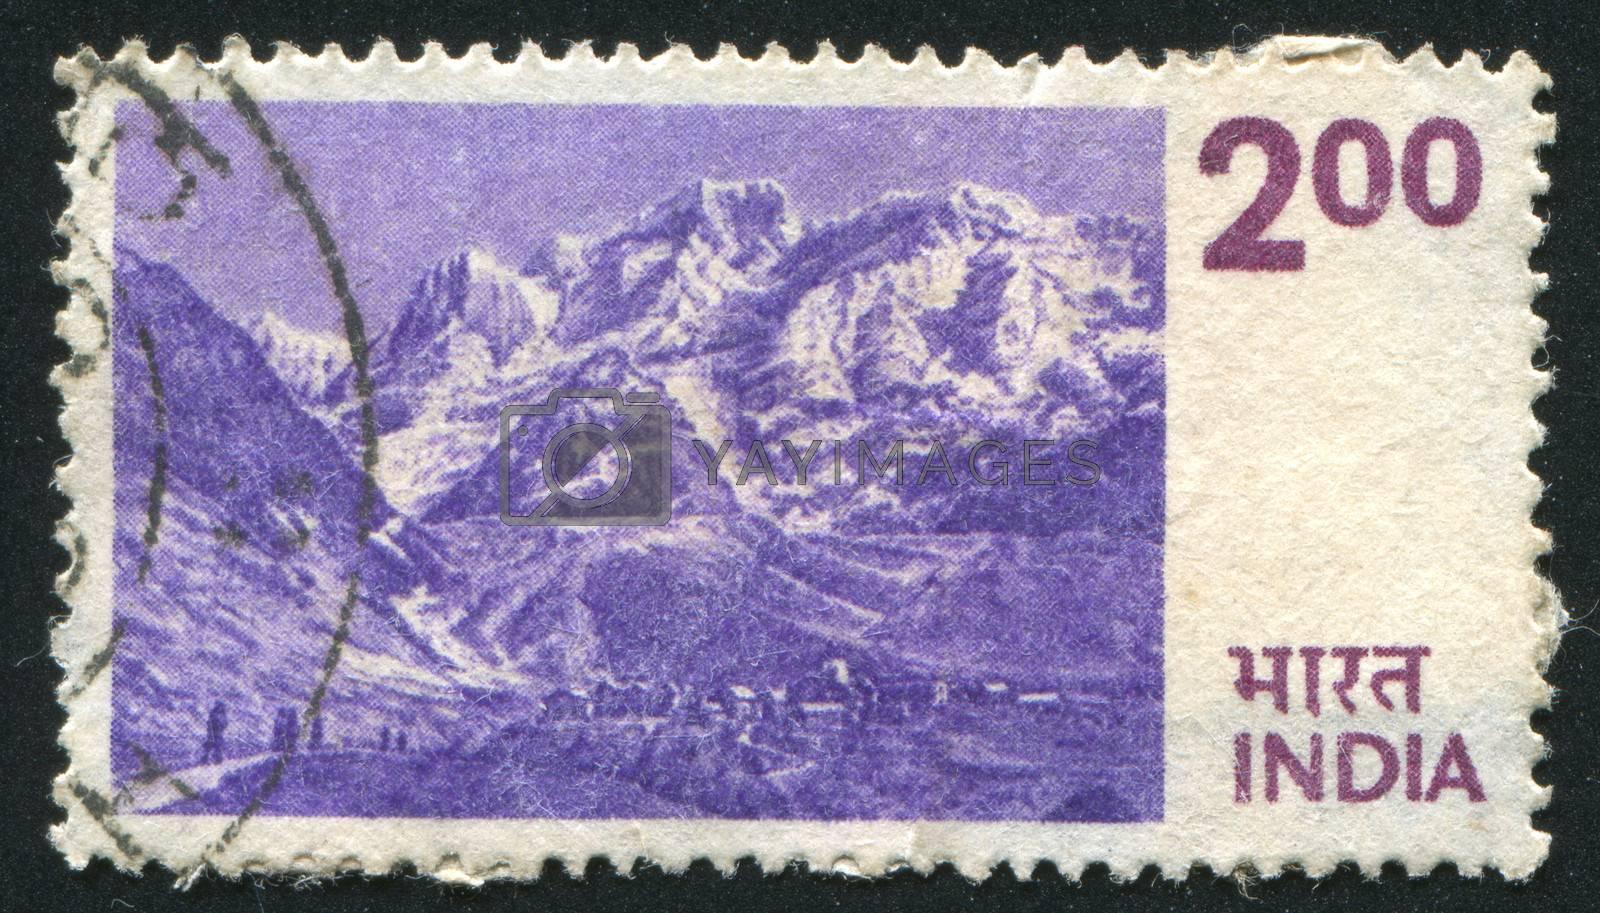 INDIA - CIRCA 1975: stamp printed by India, shows Himalayas, circa 1975